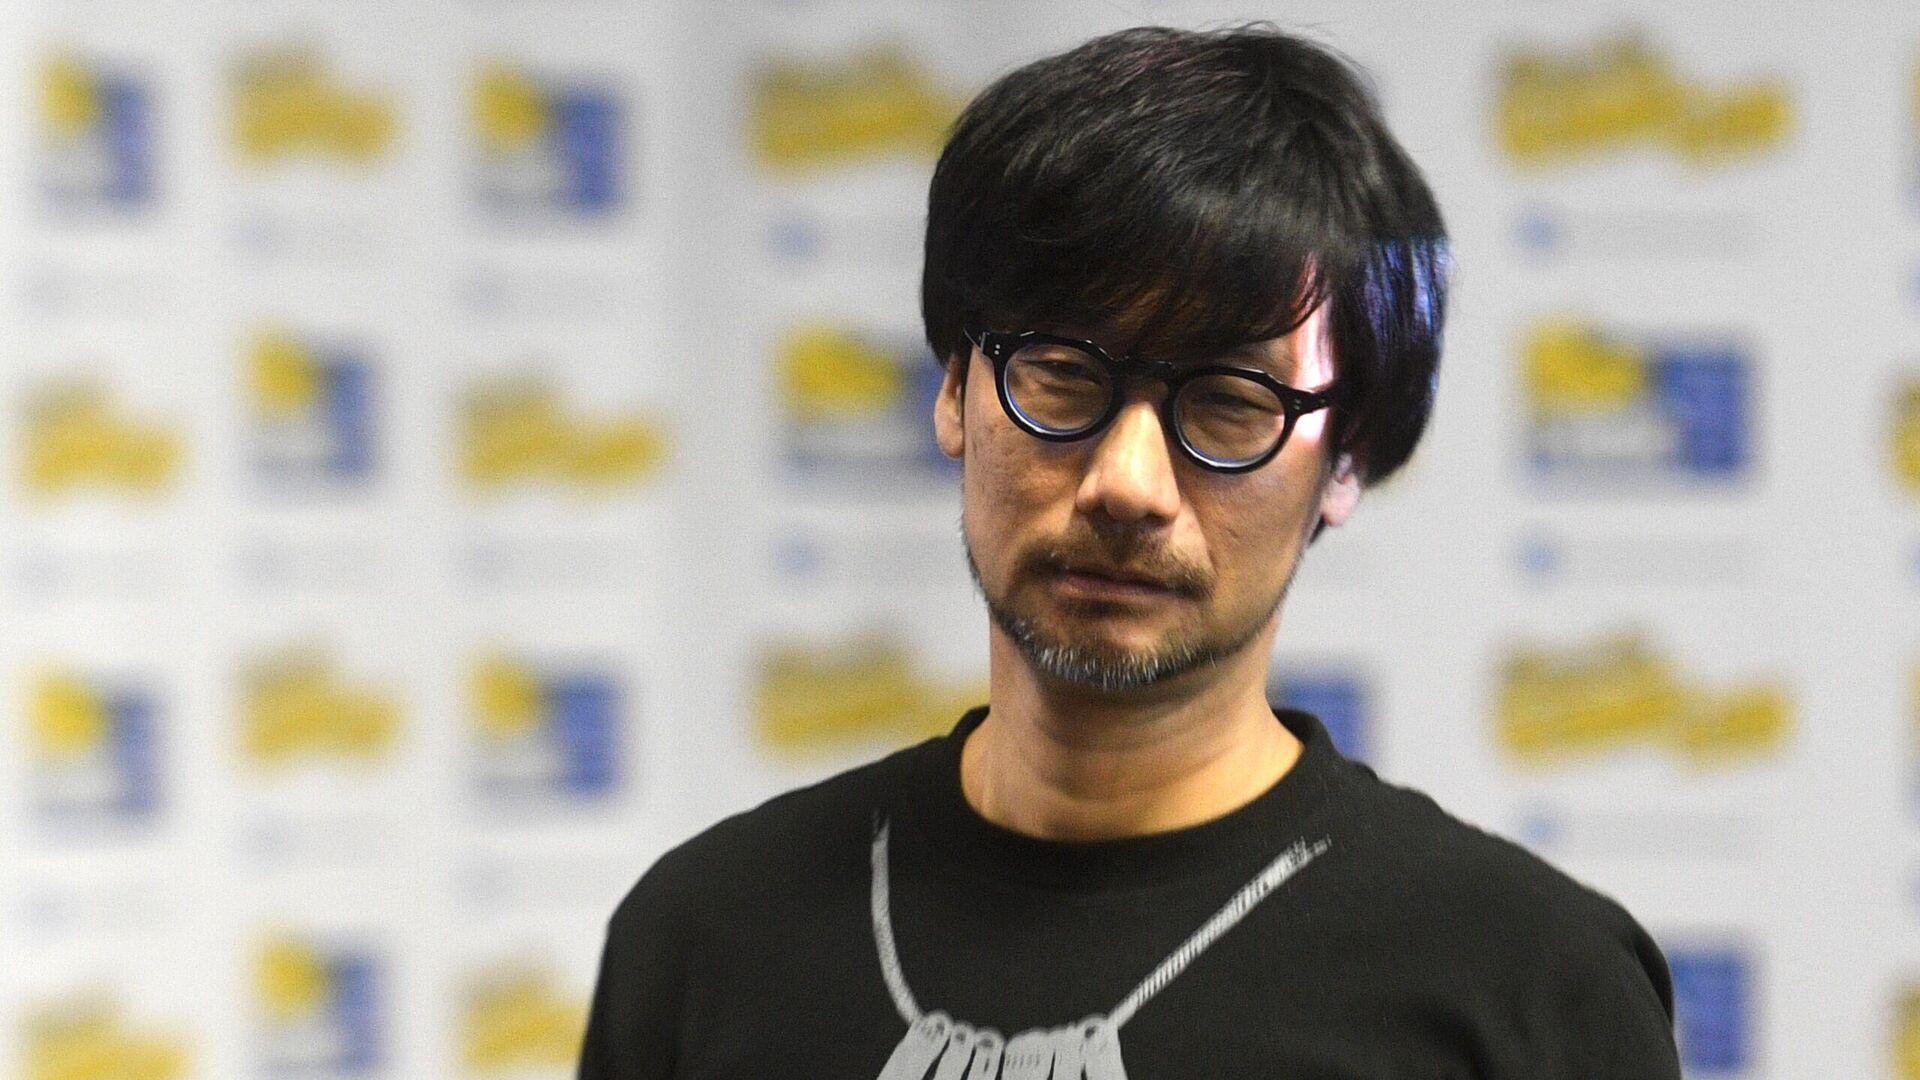 Основатель студии Kojima Productions Х. Кодзима на выставке Игромир-2019 - РИА Новости, 1920, 26.07.2020